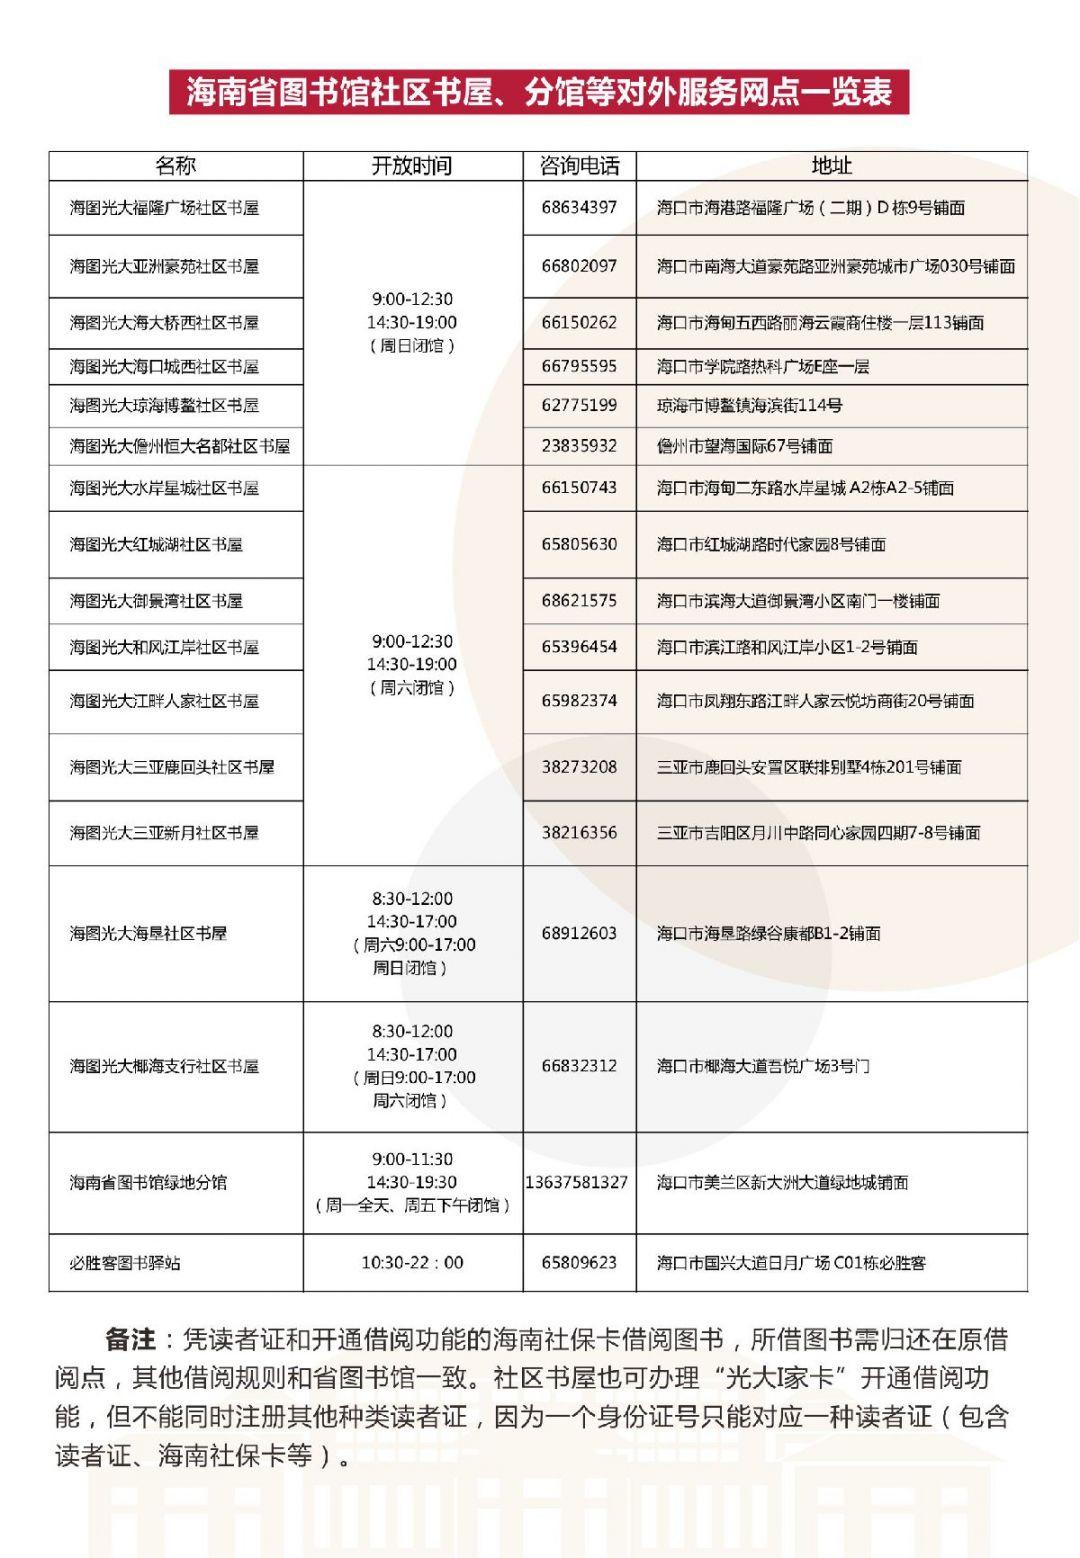 2019海南省图书馆开放营业时间